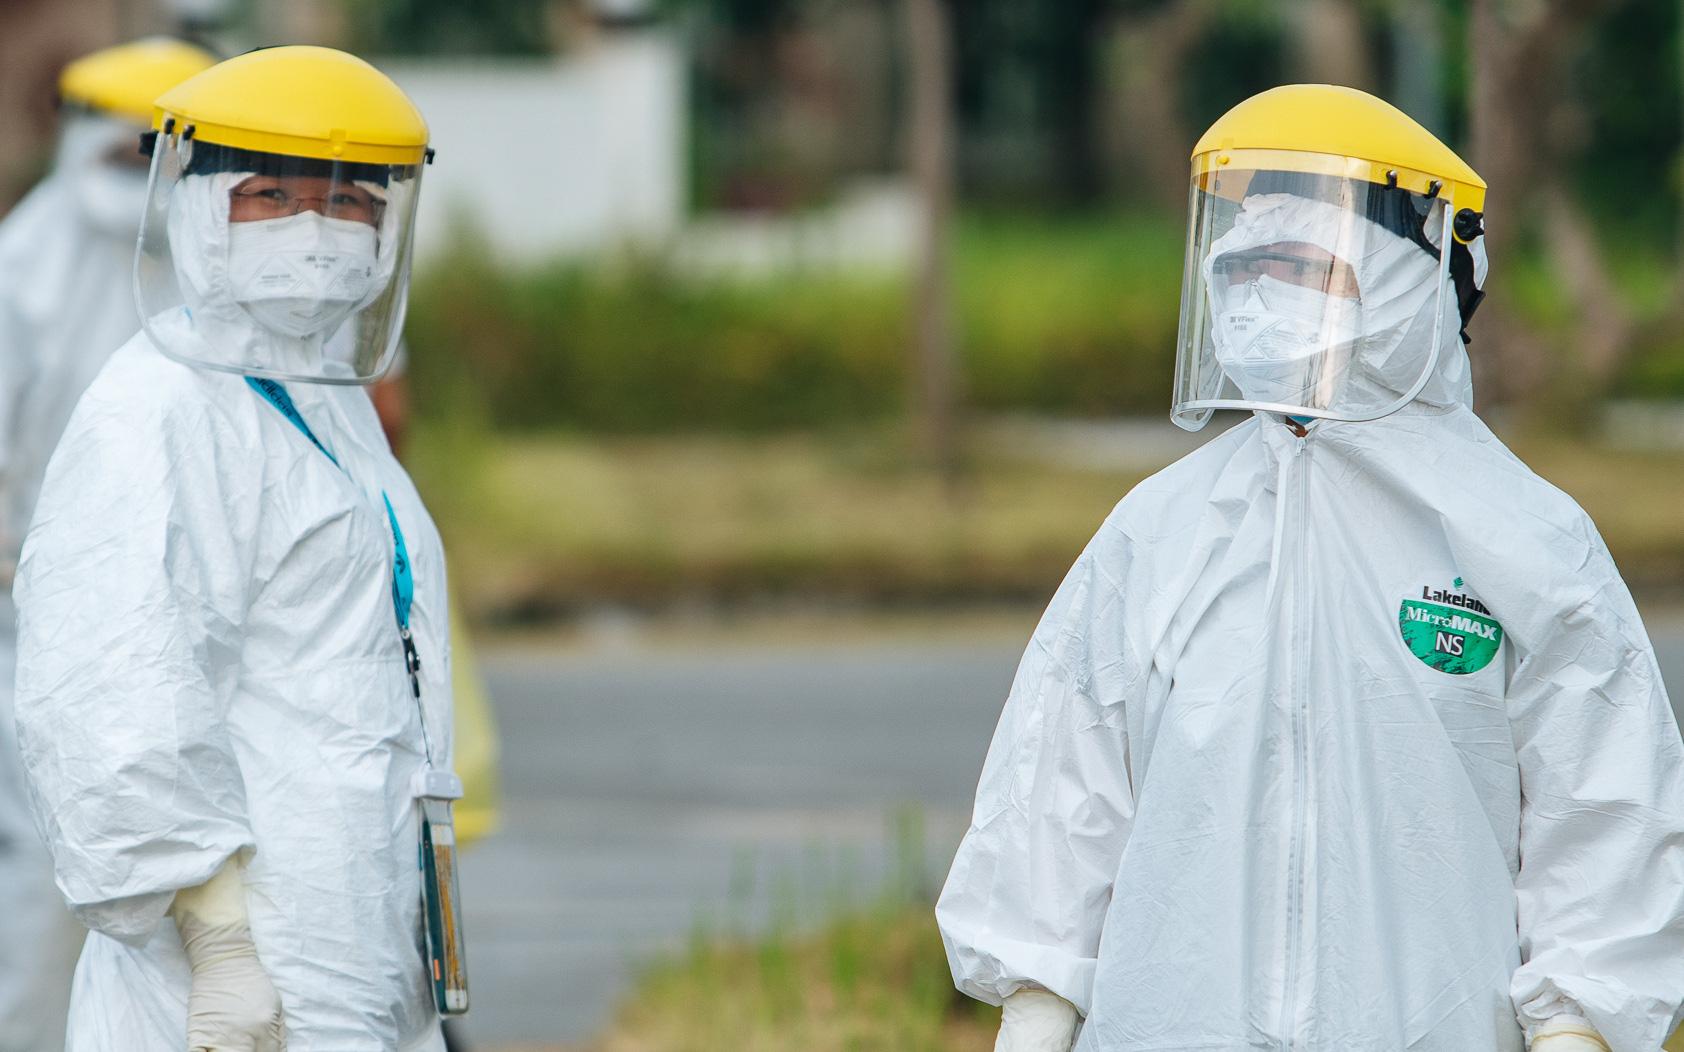 Bộ Y tế: Ổ dịch tại Đà Nẵng đang từng bước được kiểm soát, đã hạn chế được việc lây lan rộng ra cộng đồng